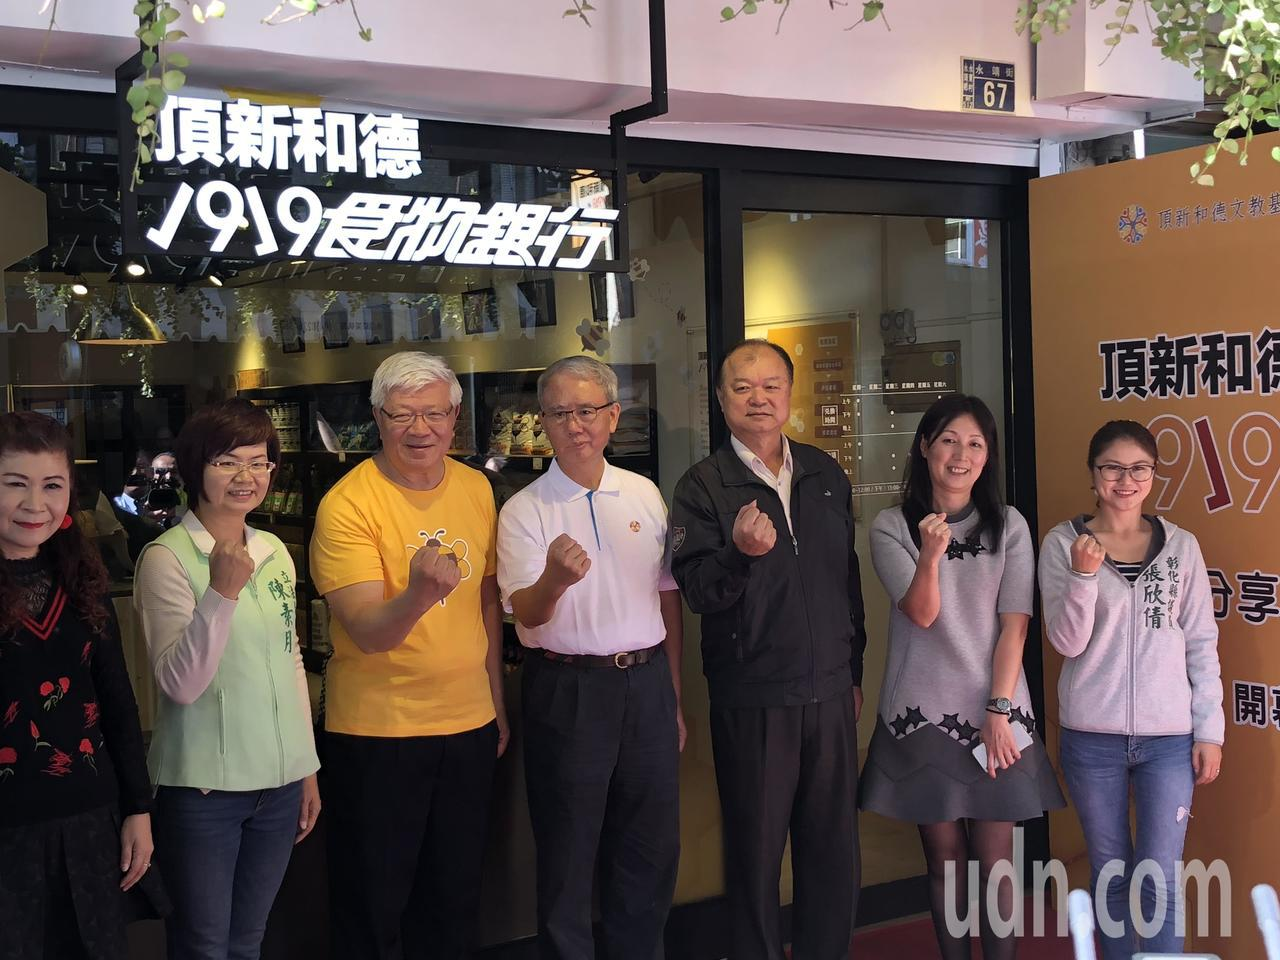 頂新和德食物銀行今天開幕,頂新和德基金會董事長魏應充(中)出席。記者林敬家/攝影